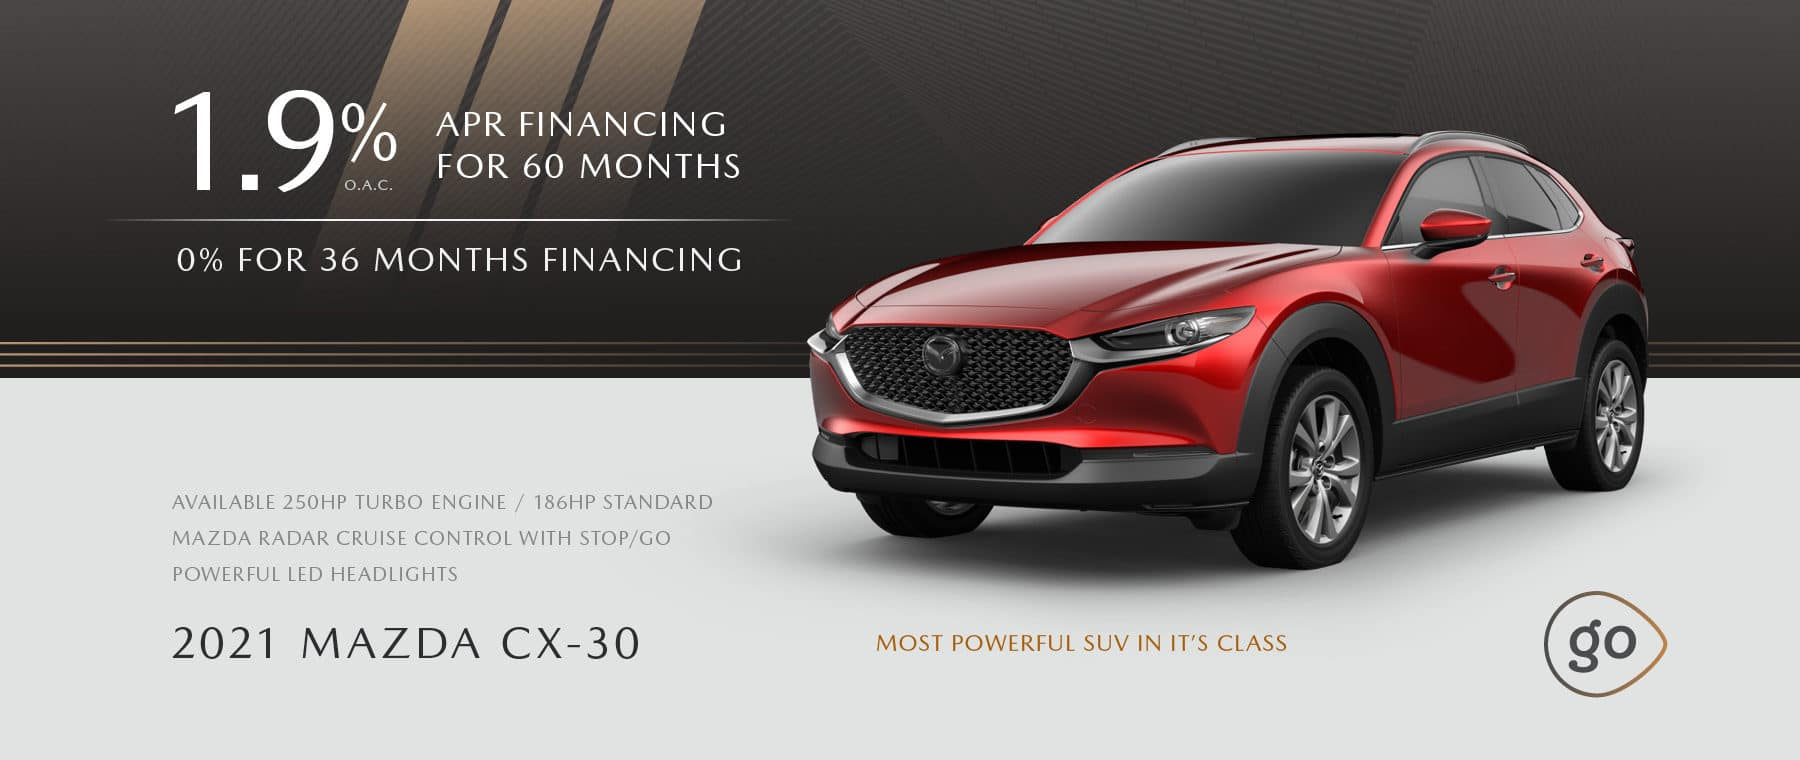 21SEPT_Mazda_Heros_CX-30-desktop